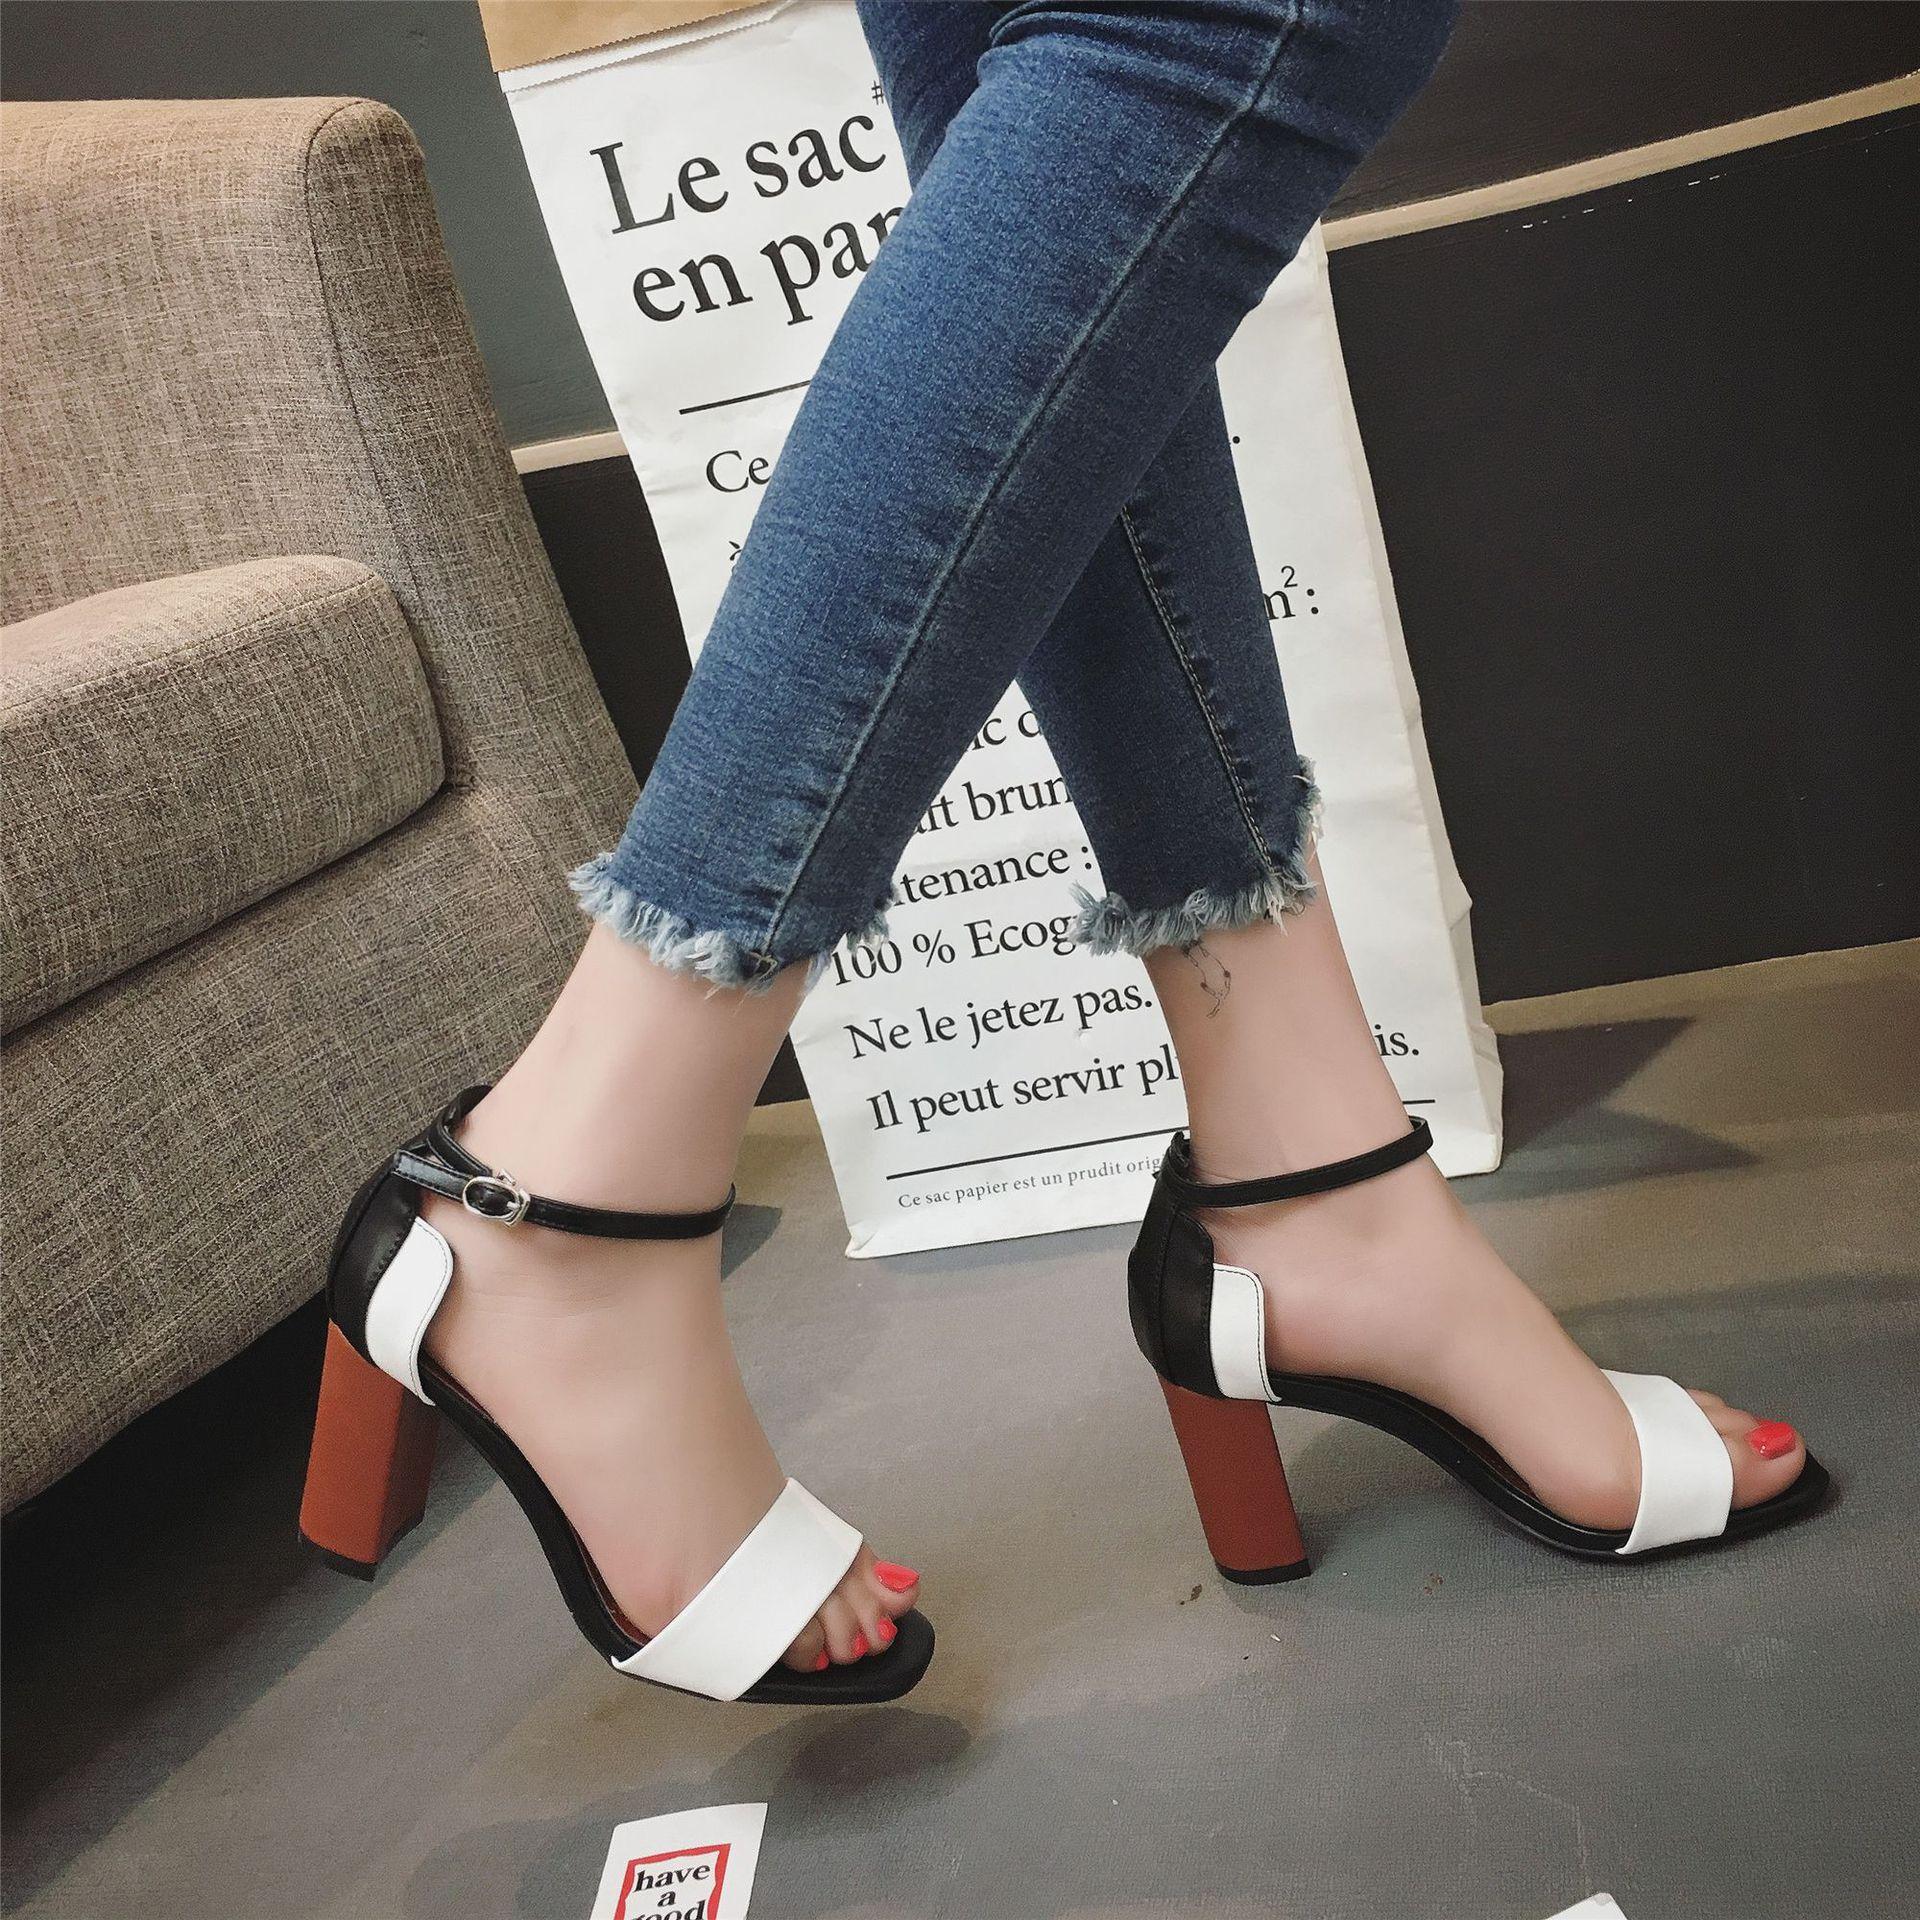 ESX 女拼色大牌时尚高跟女鞋优惠券